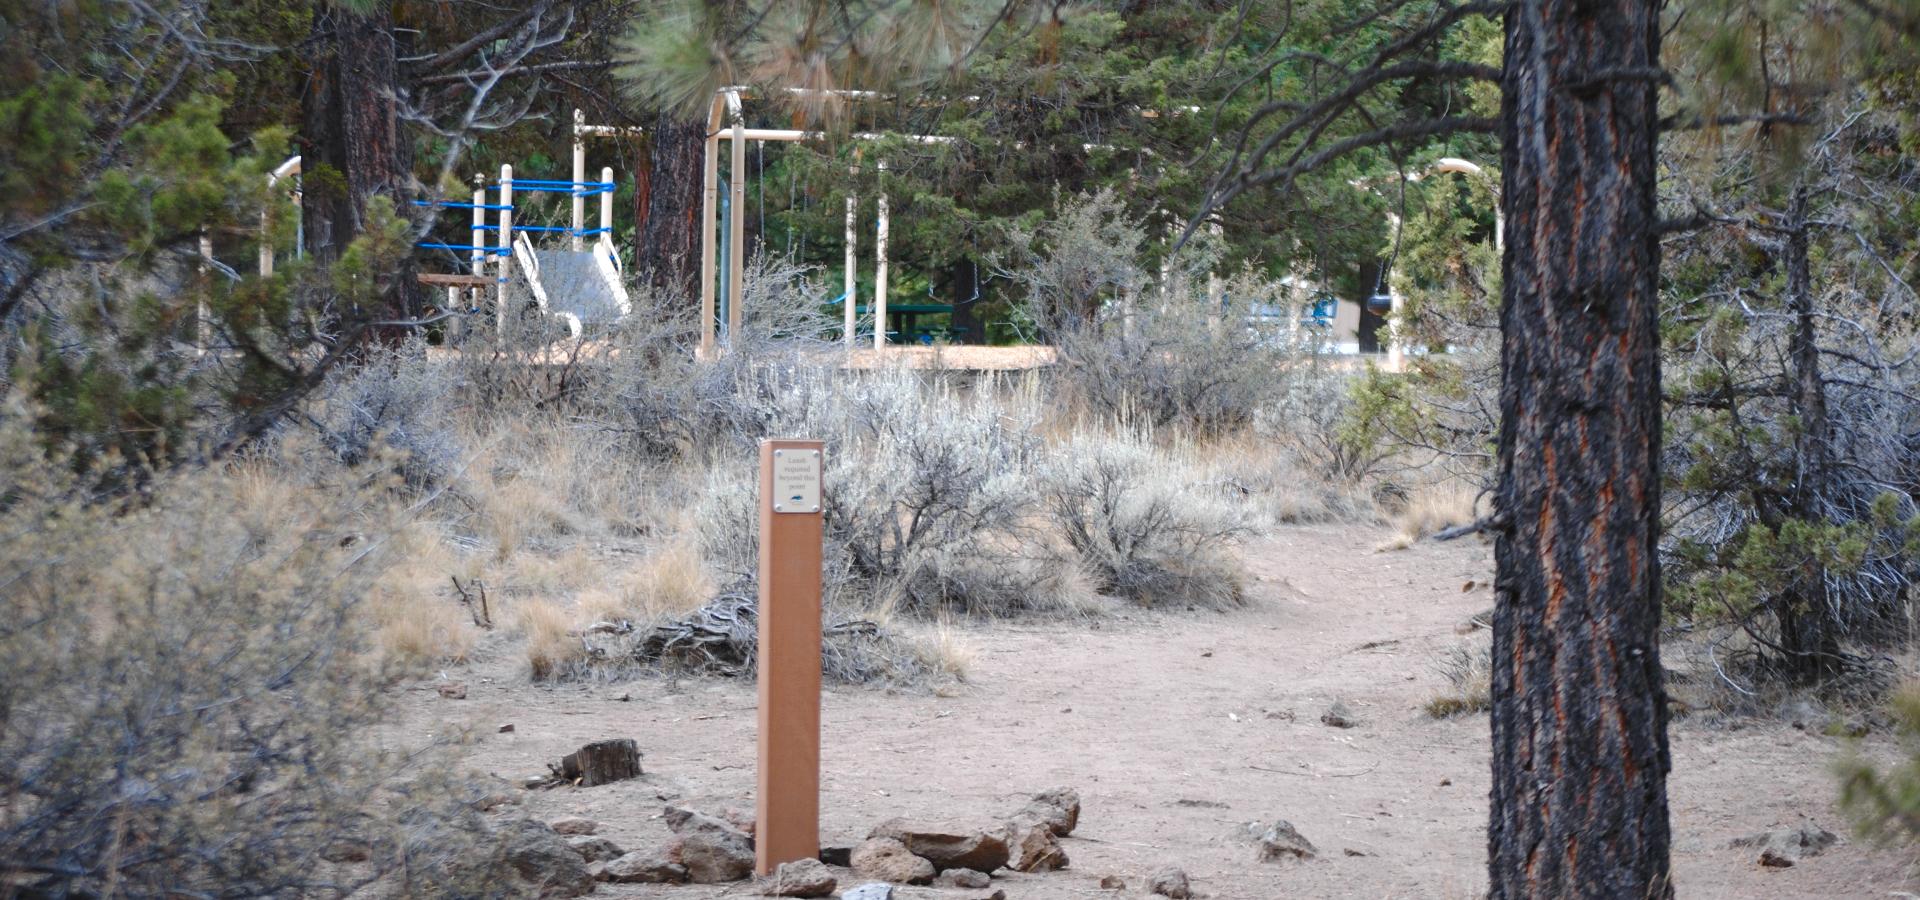 Hillside-Park-II-in-Bend-Oregon